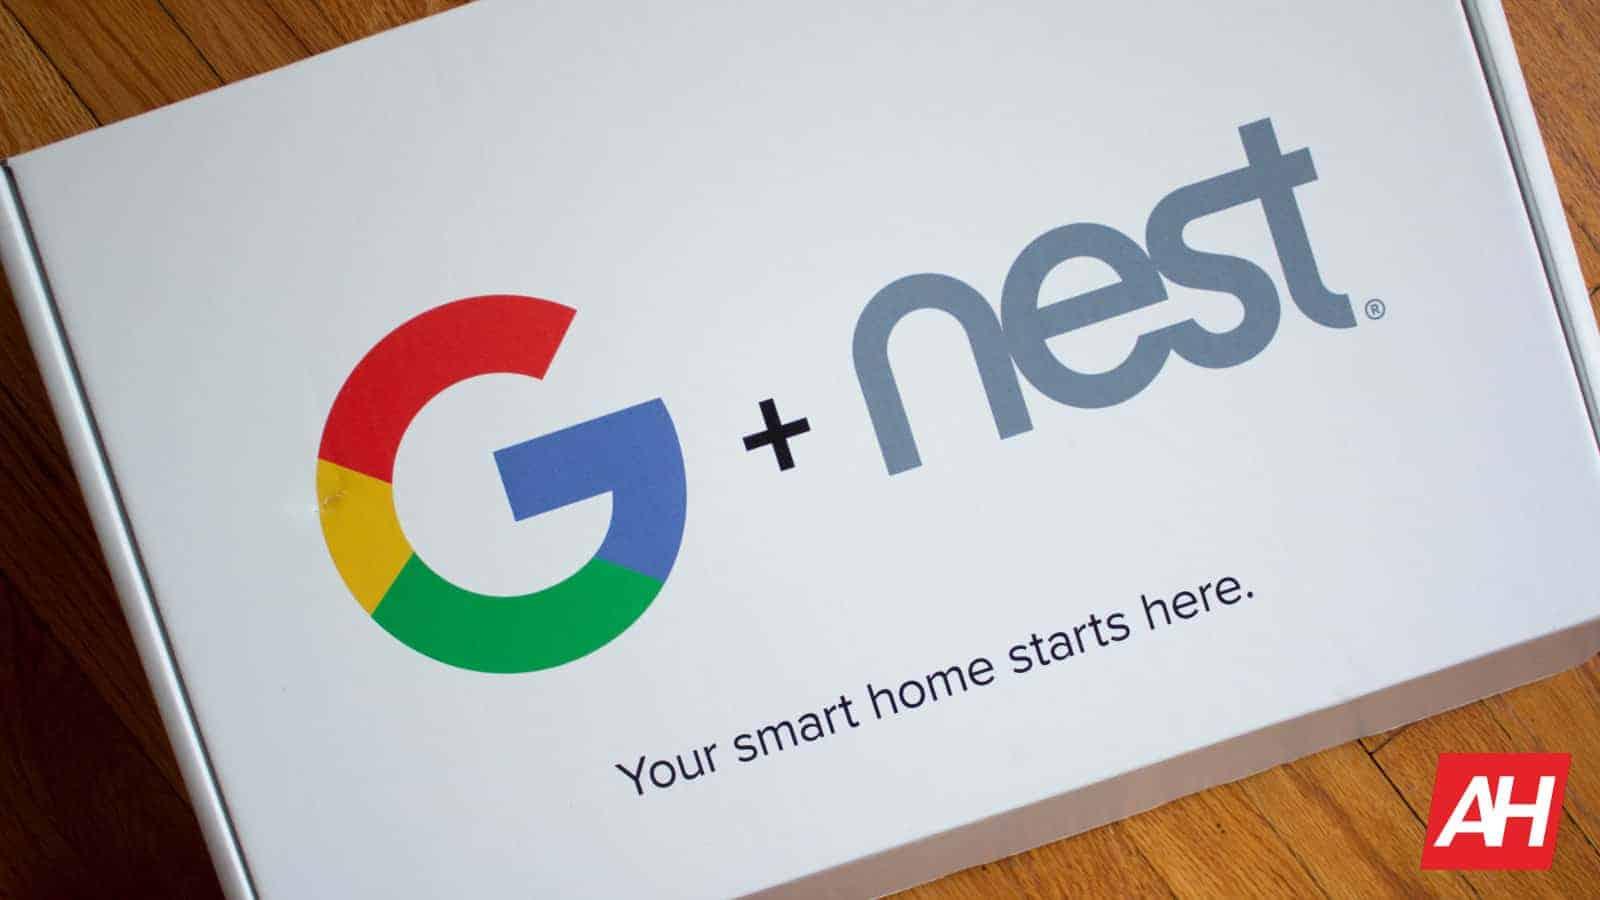 Google Nest AH NS 02